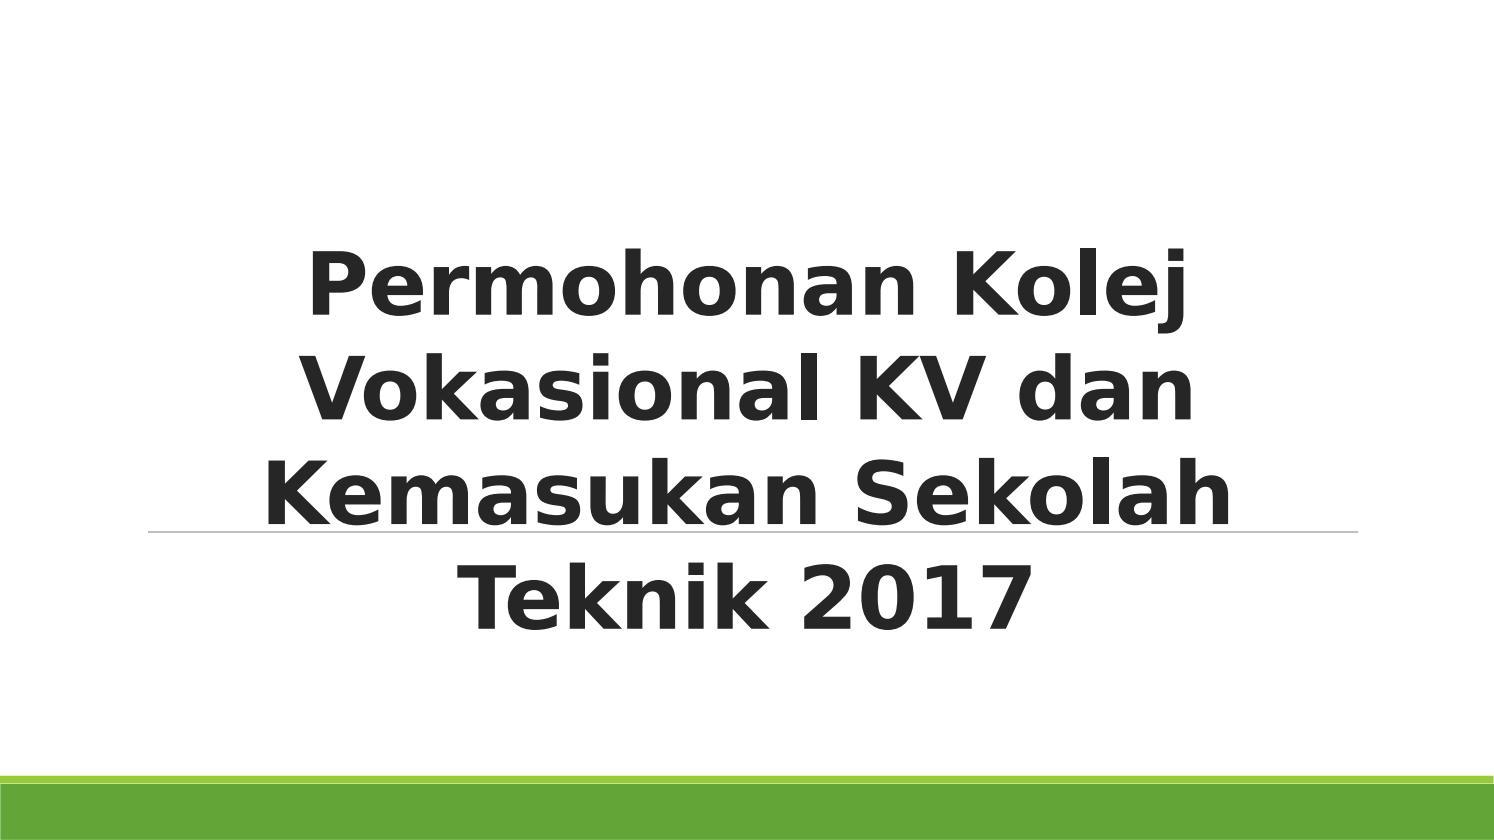 Permohonan Kolej Vokasional Kv Dan Kemasukan Sekolah Teknik 2017 By Jesika01 Issuu